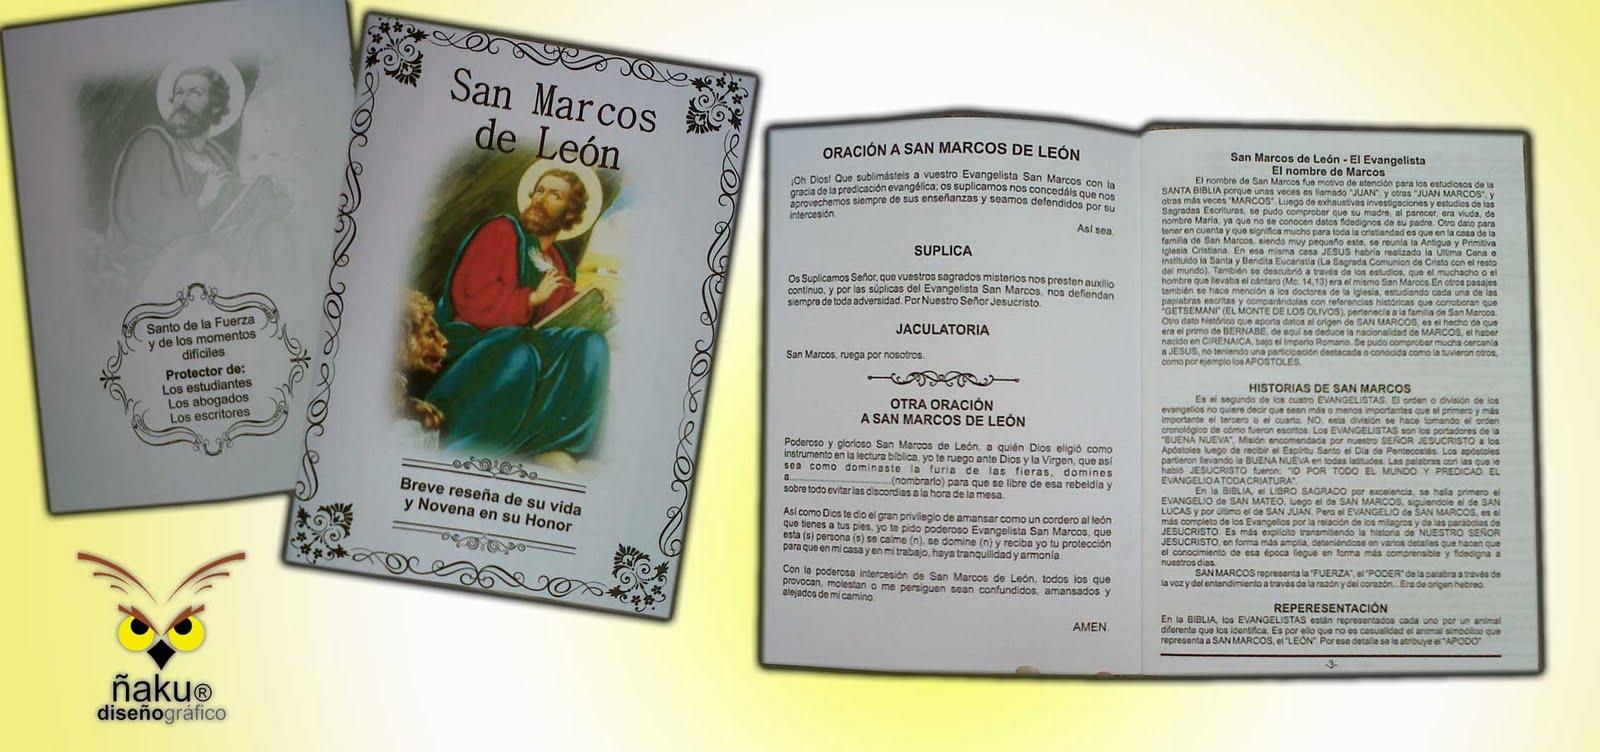 Ñaku Diseño Gráfico: Libro y estampas grande y pequeña de San Marcos ...